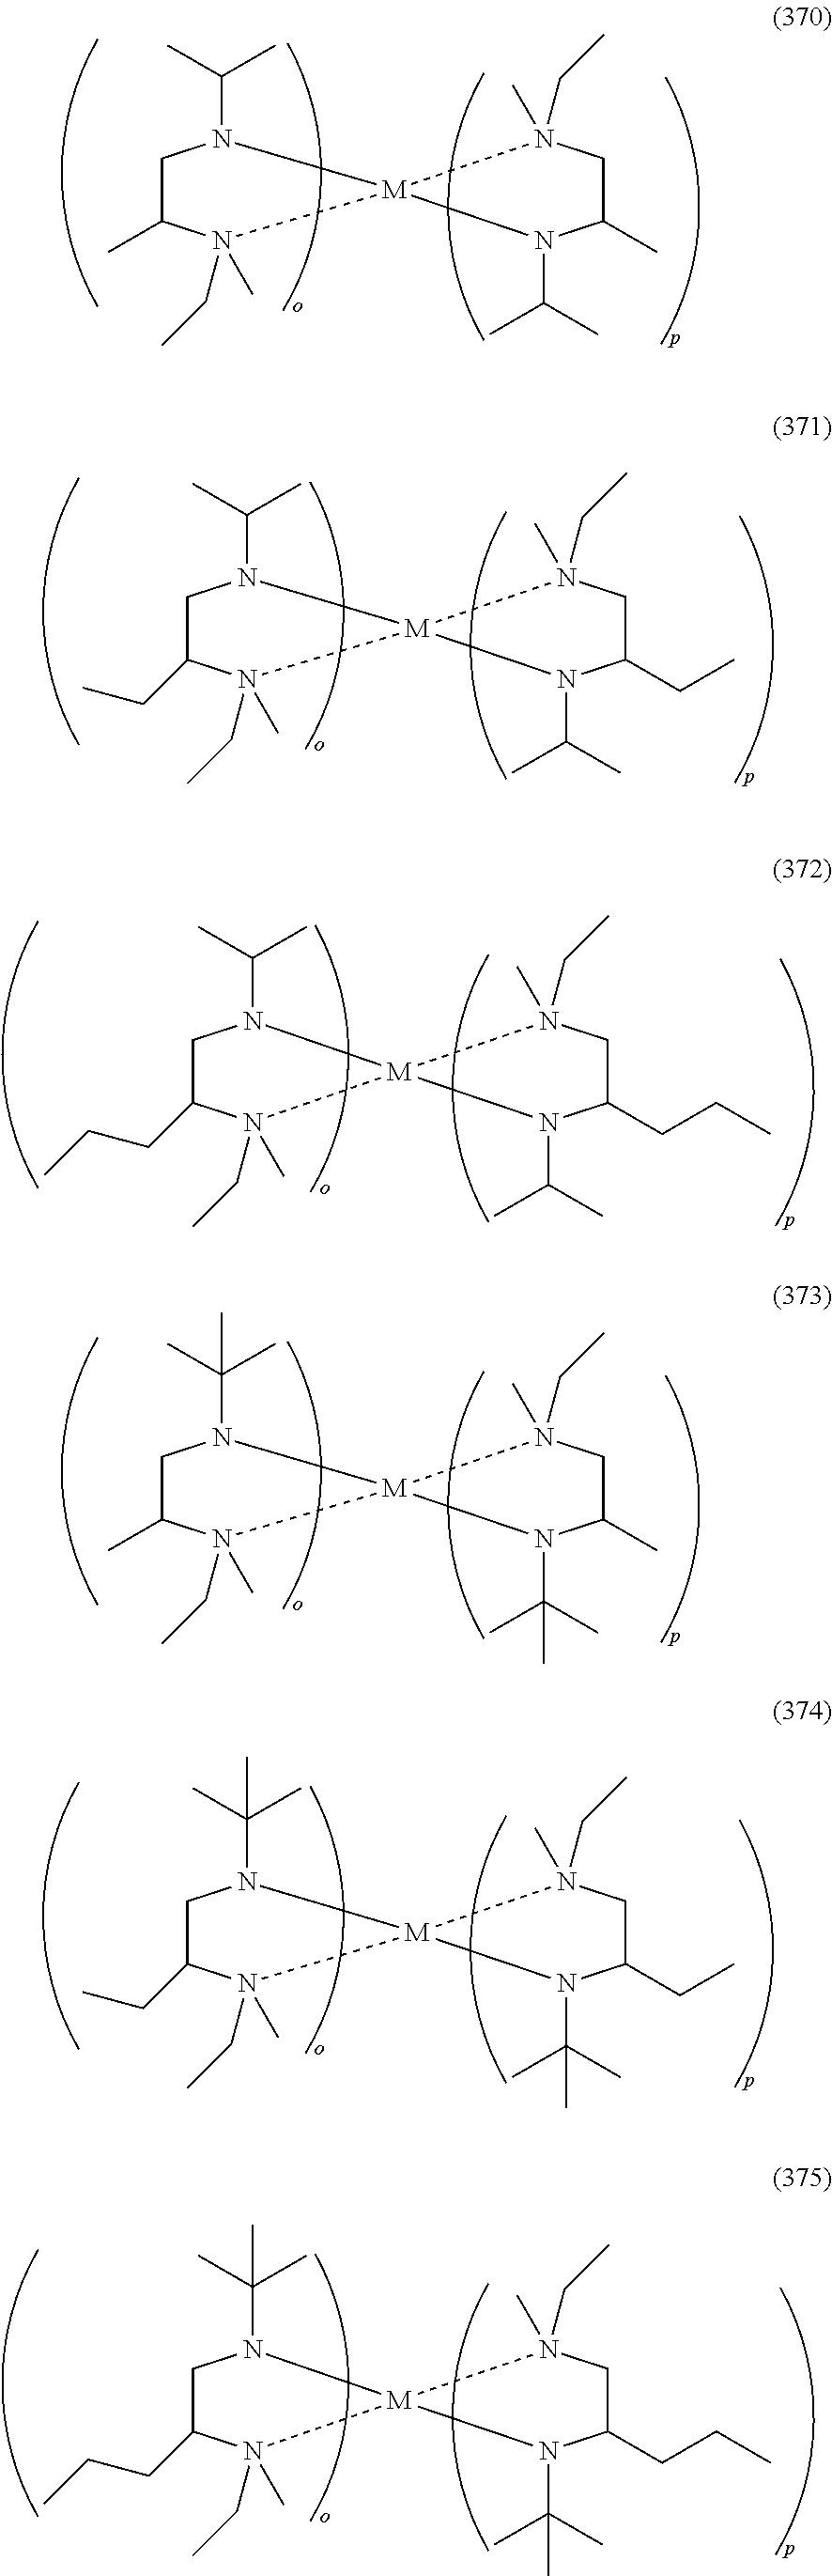 Figure US08871304-20141028-C00071